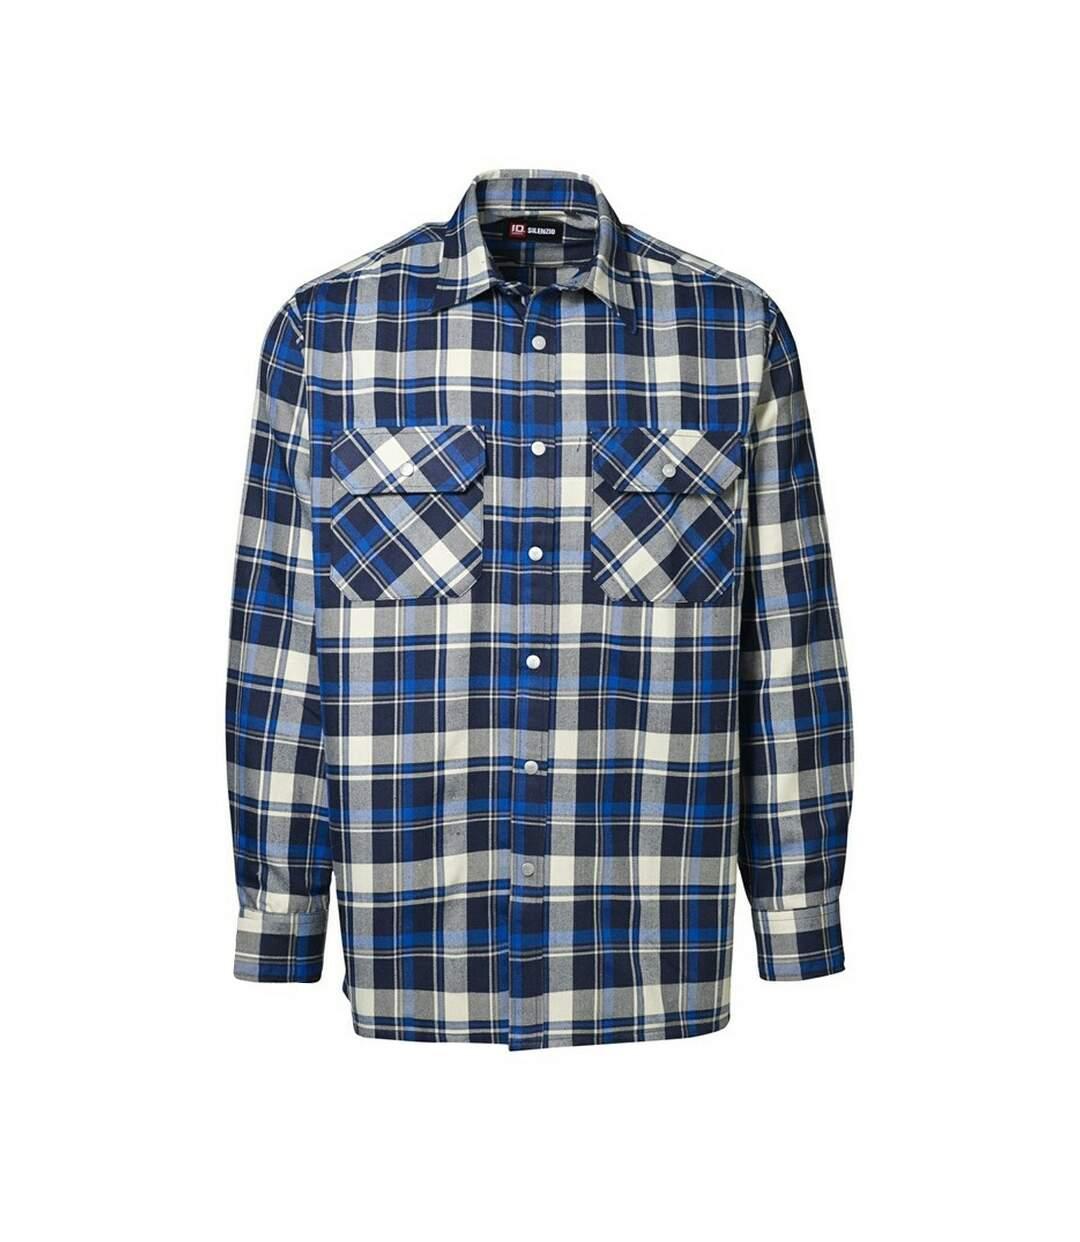 Id - Chemise À Carreaux À Manches Longues 100% Coton (Coupe Régulière) - Homme (Bleu roi) - UTID154